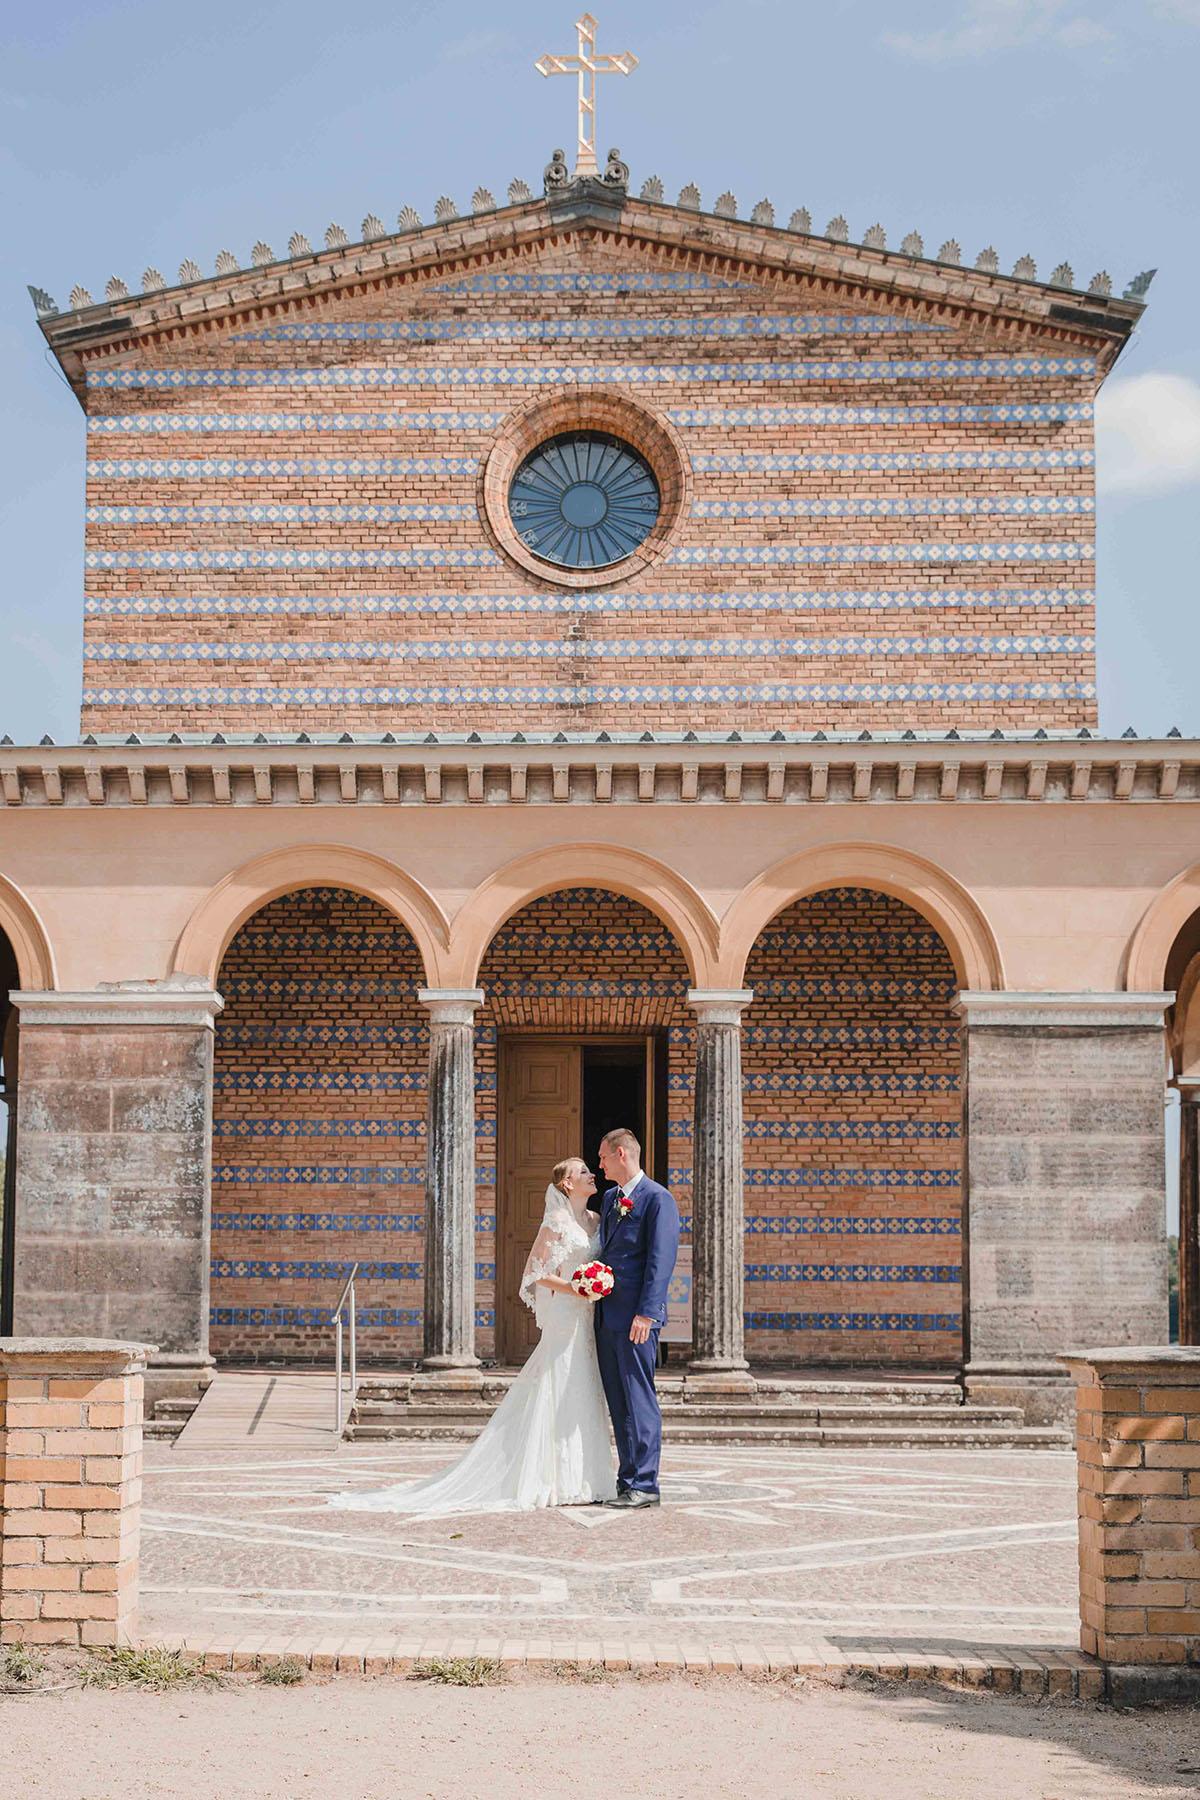 Hochzeitsfoto vor der Heilandskirche Potsdam Sacrow